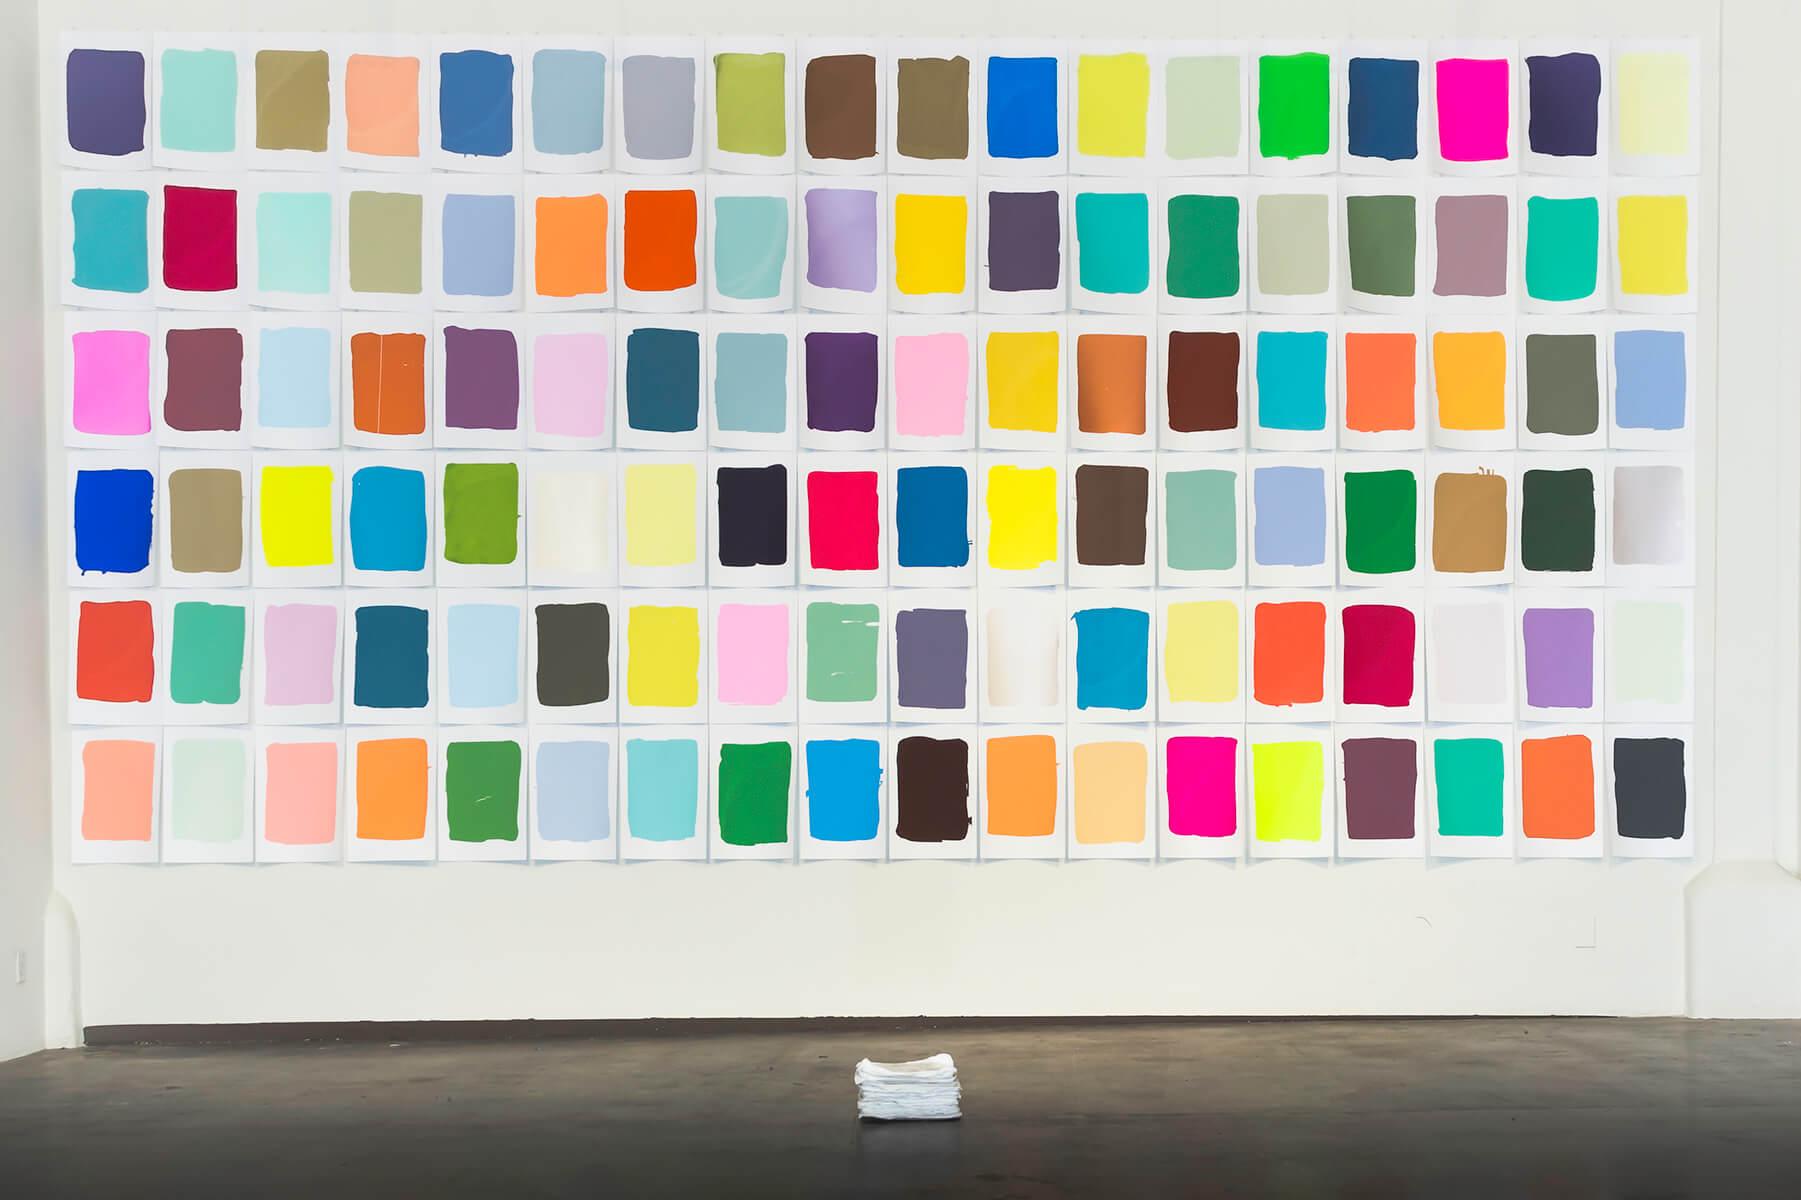 <a href='https://revistaaxxis.com.co/la-fabrica-del-color-abre-puertas-en-san-francisco/'><h2>La fábrica del color abre puertas en San Francisco</h2>Color Factory, un edificio que se ha transformado en una experiencia interactiva de 12,000 pies cuadrados en la cuidad de San Francisco, Estados Unidos, abrió sus puertas este mes de agosto de 2017.</a>